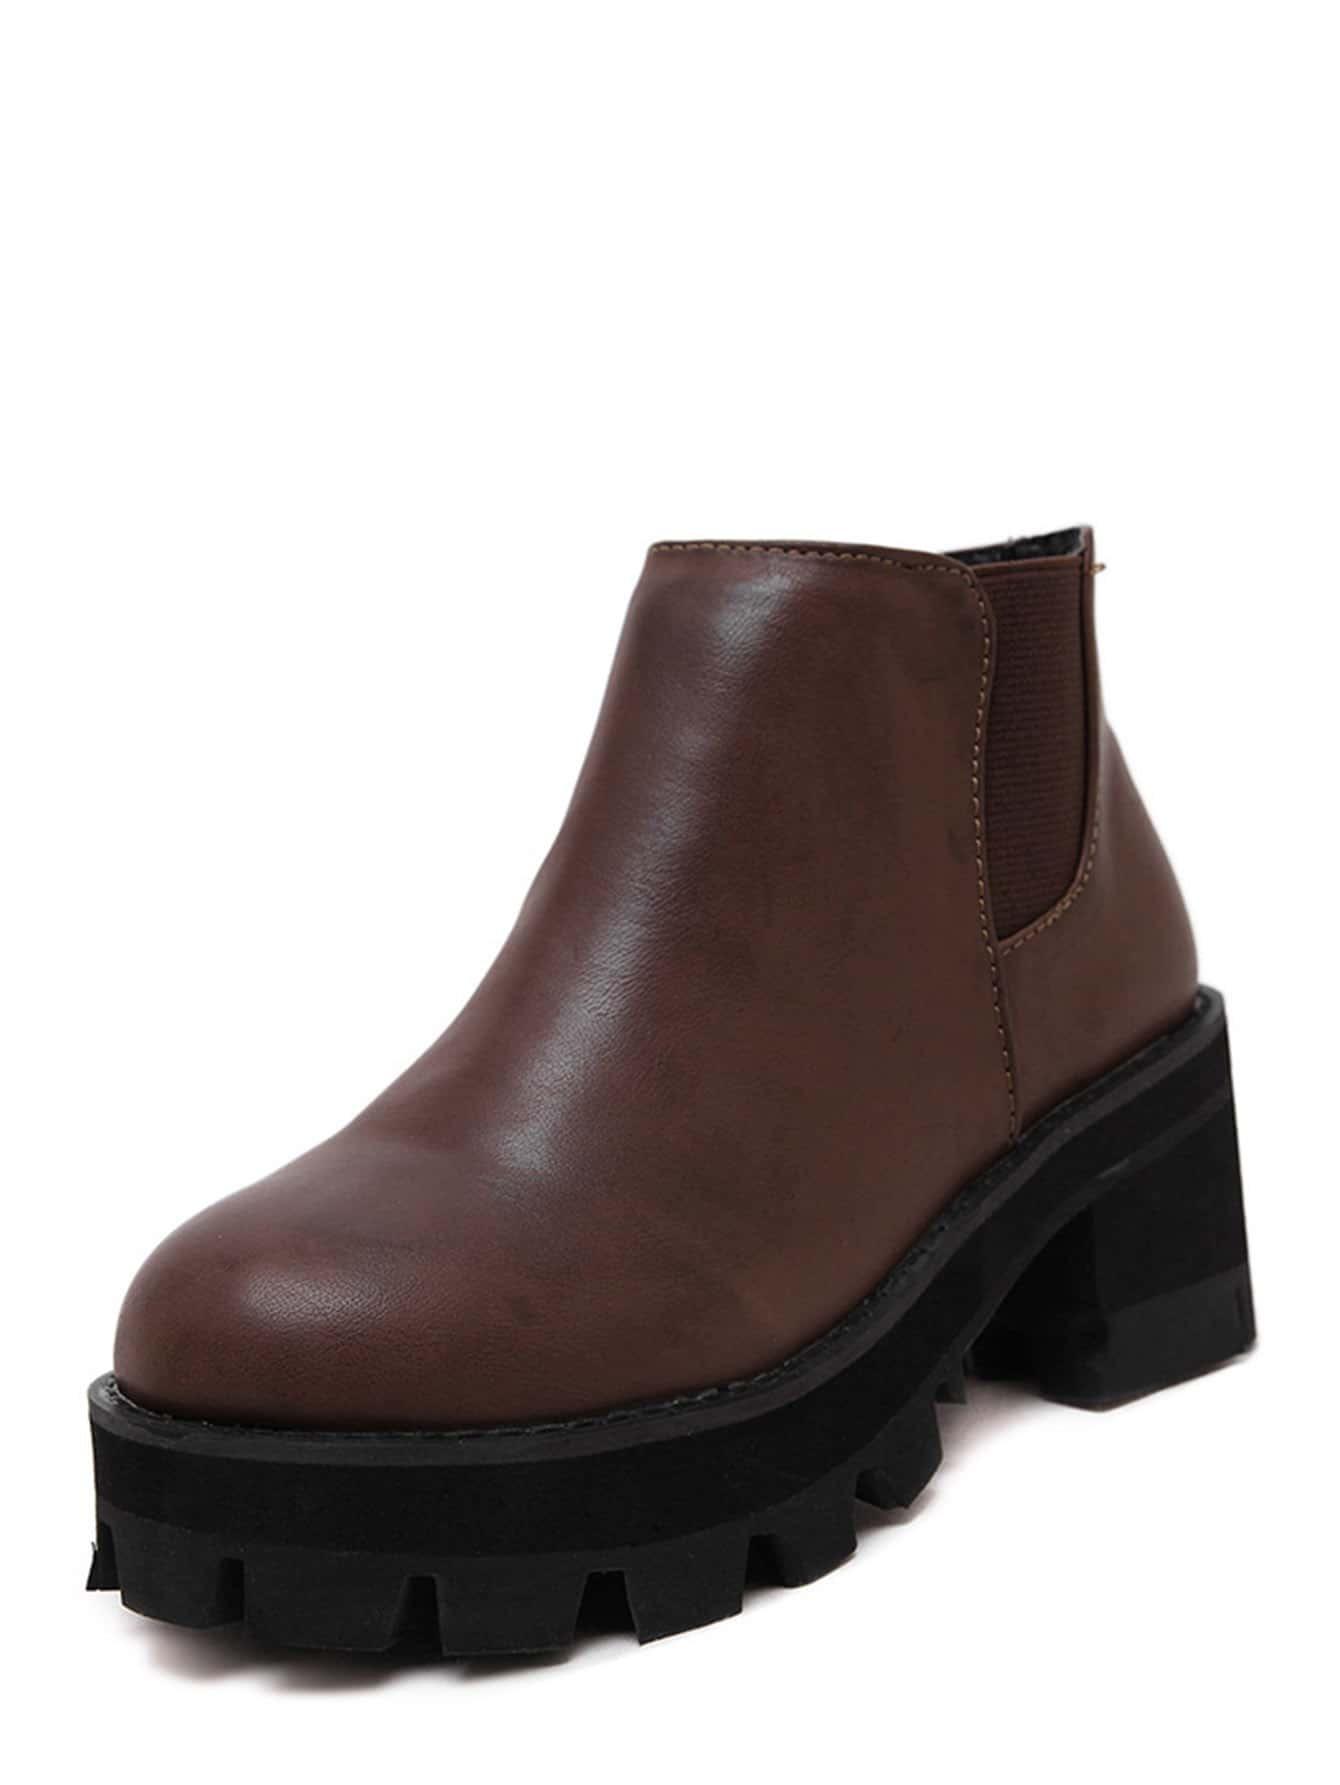 shoes160831815_2